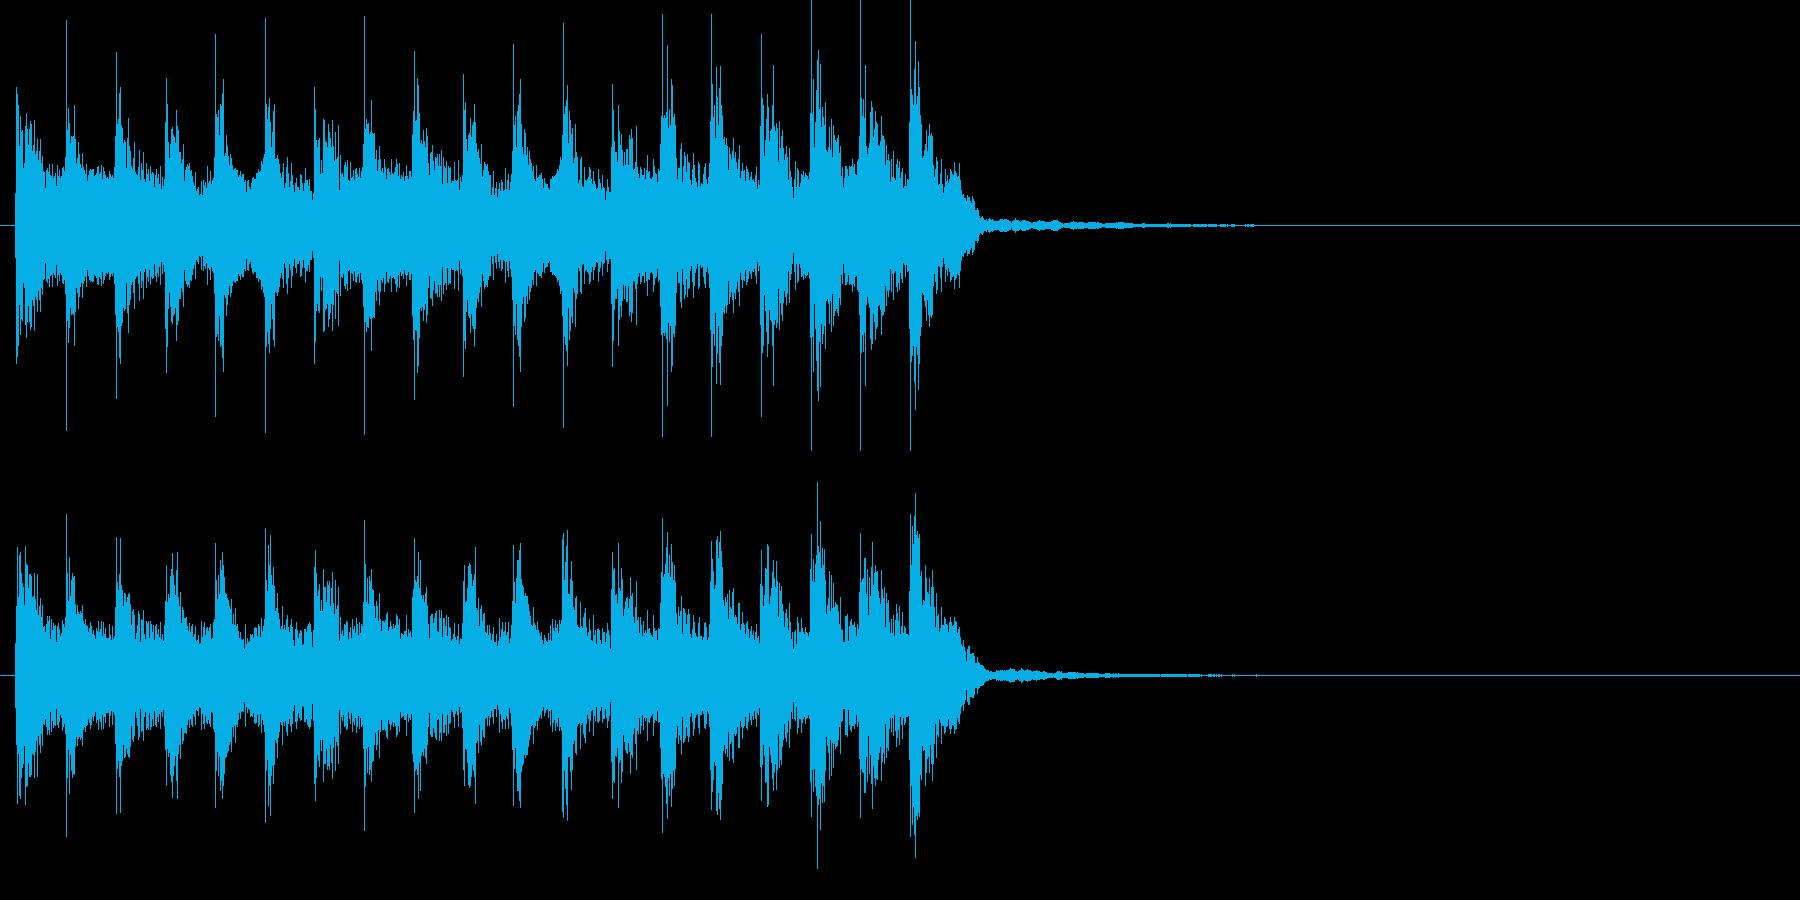 尺八などの和楽器によるほのぼの和風ポップの再生済みの波形